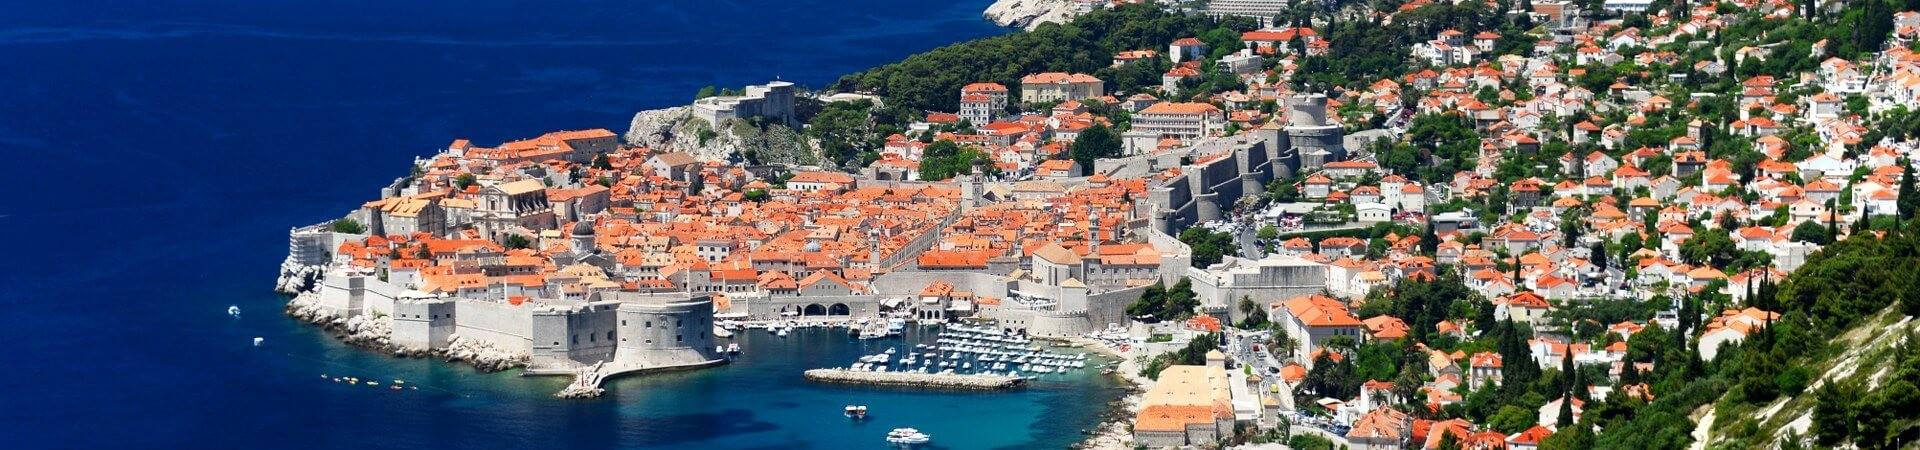 Plaża w Dubrovniku